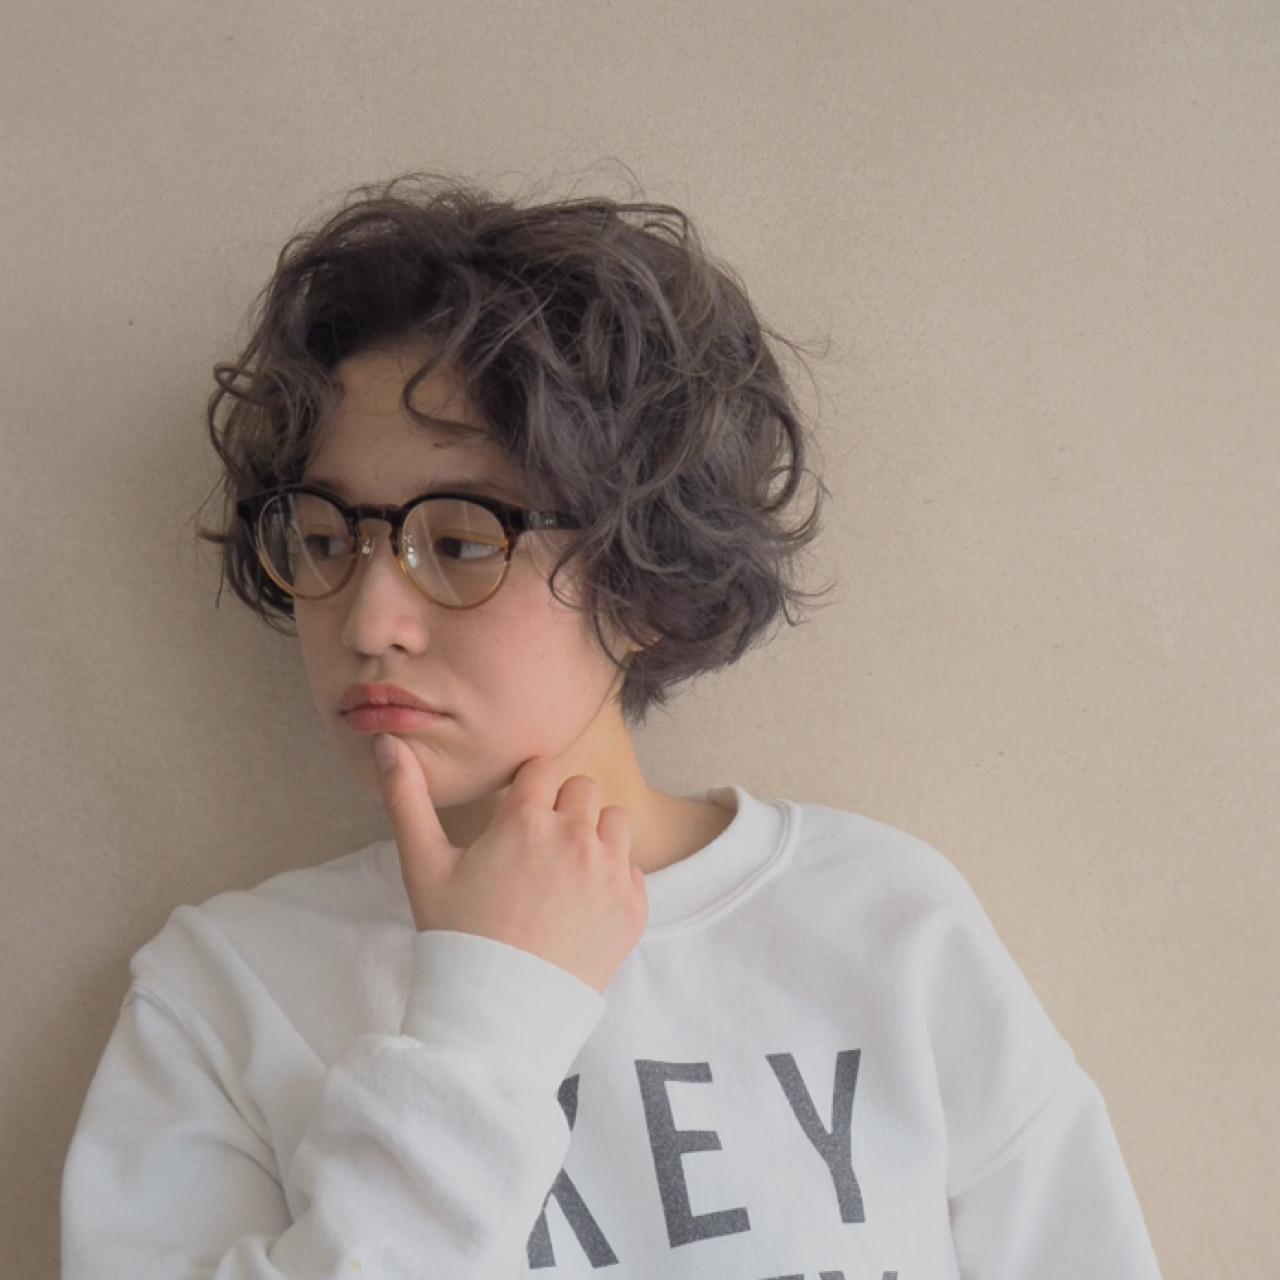 くせ毛風 ナチュラル ショート パーマ ヘアスタイルや髪型の写真・画像 | 井上可南子 / ☆